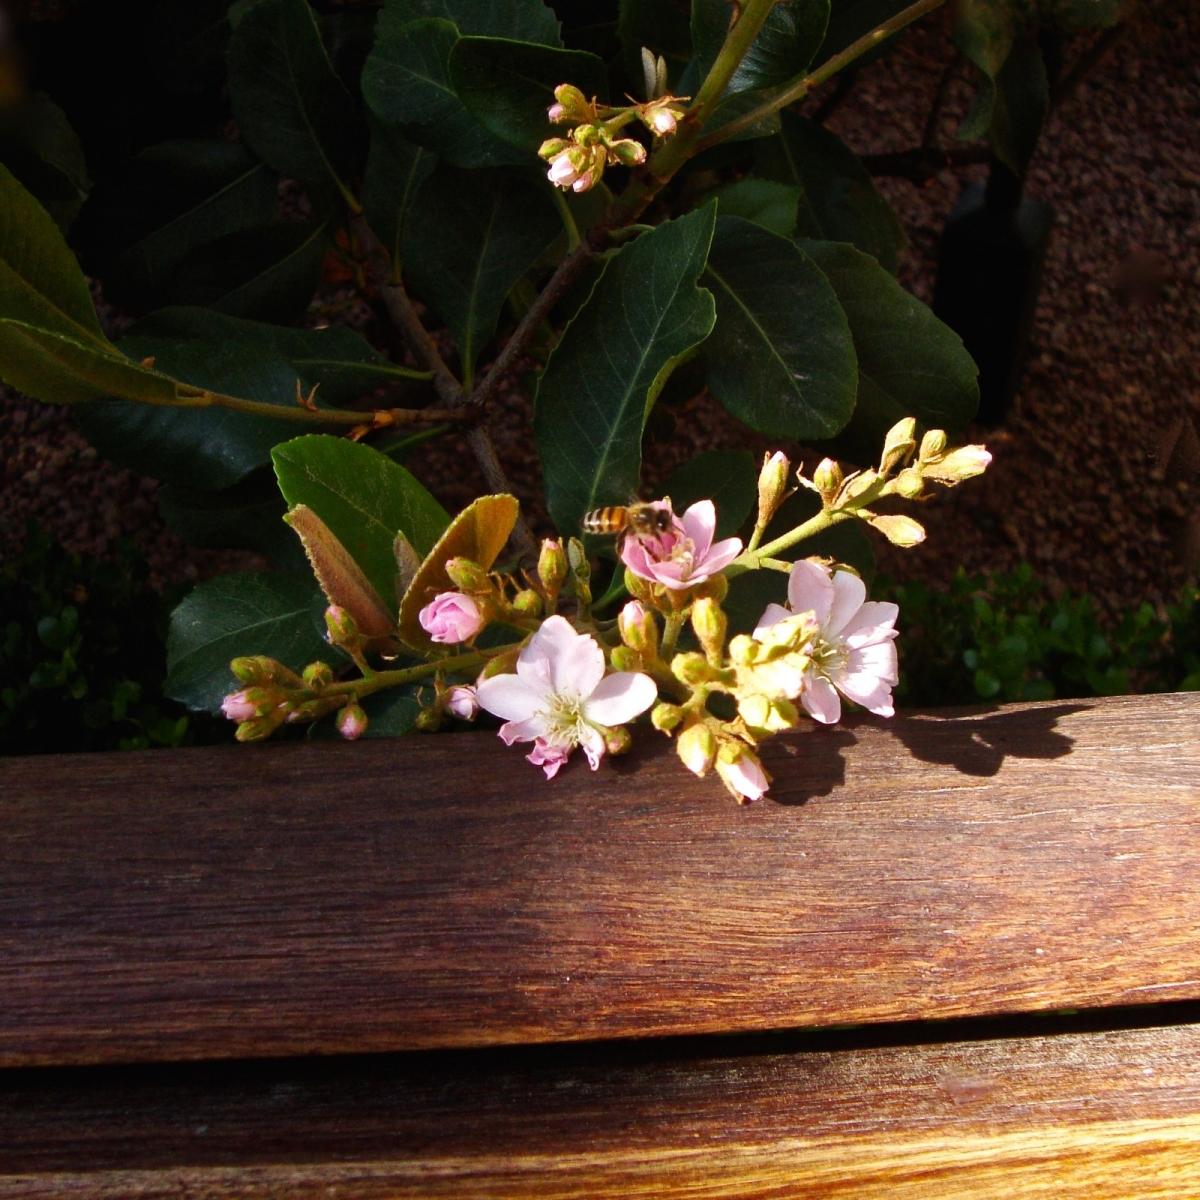 【晓鸣摄影】花卉植物49作展+独创简诗对照谱_图1-9